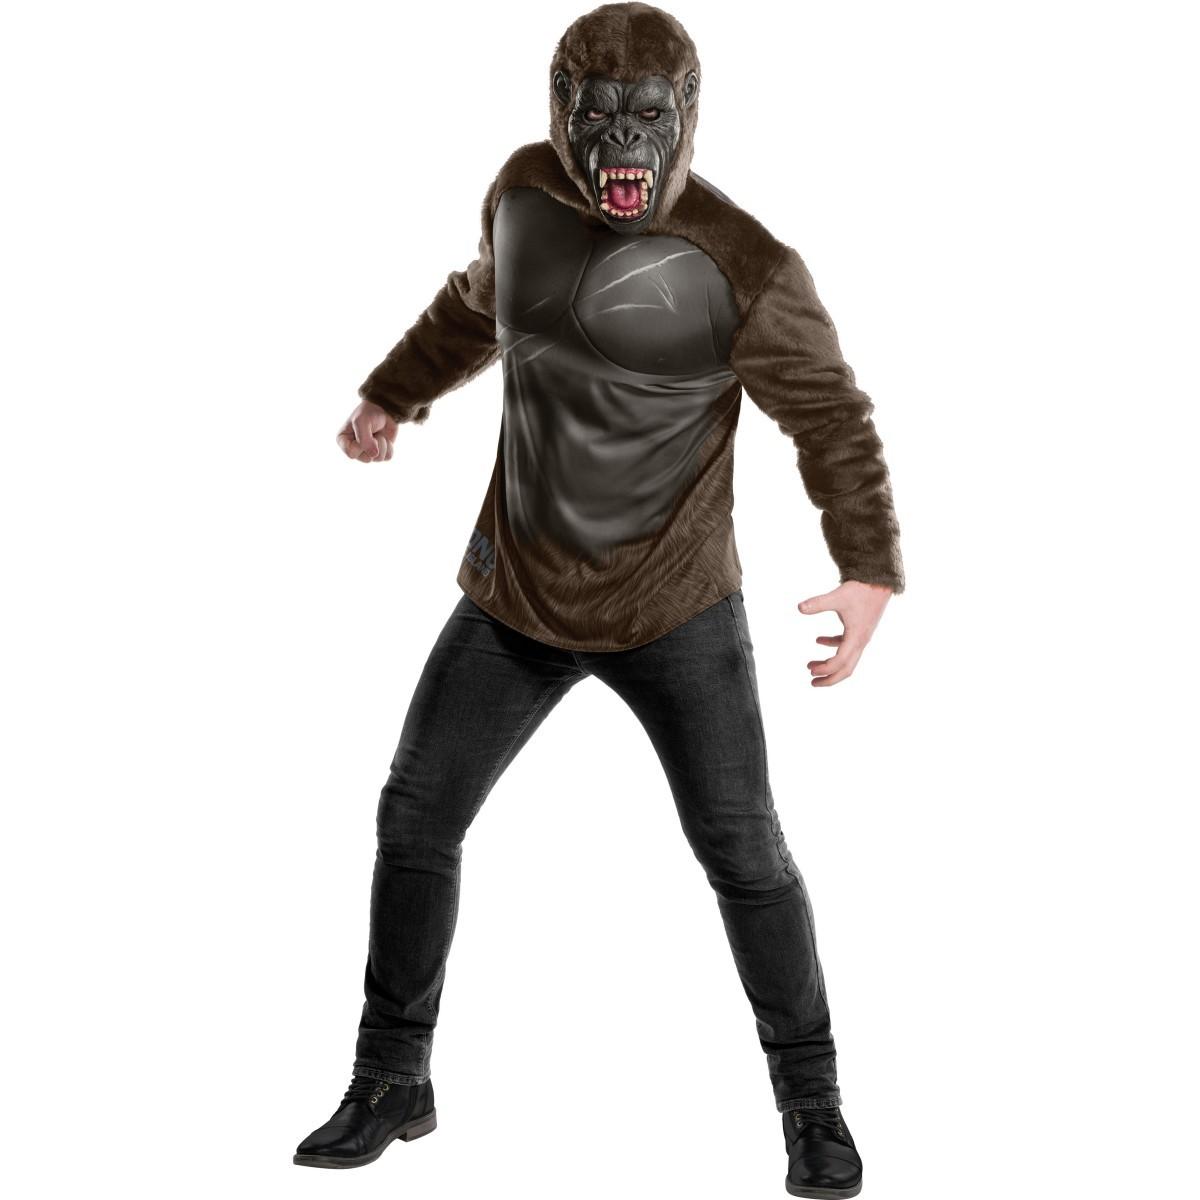 ゴリラ コスチューム 大人 仮装 キングコング コスプレ ハロウィン 動物 衣装